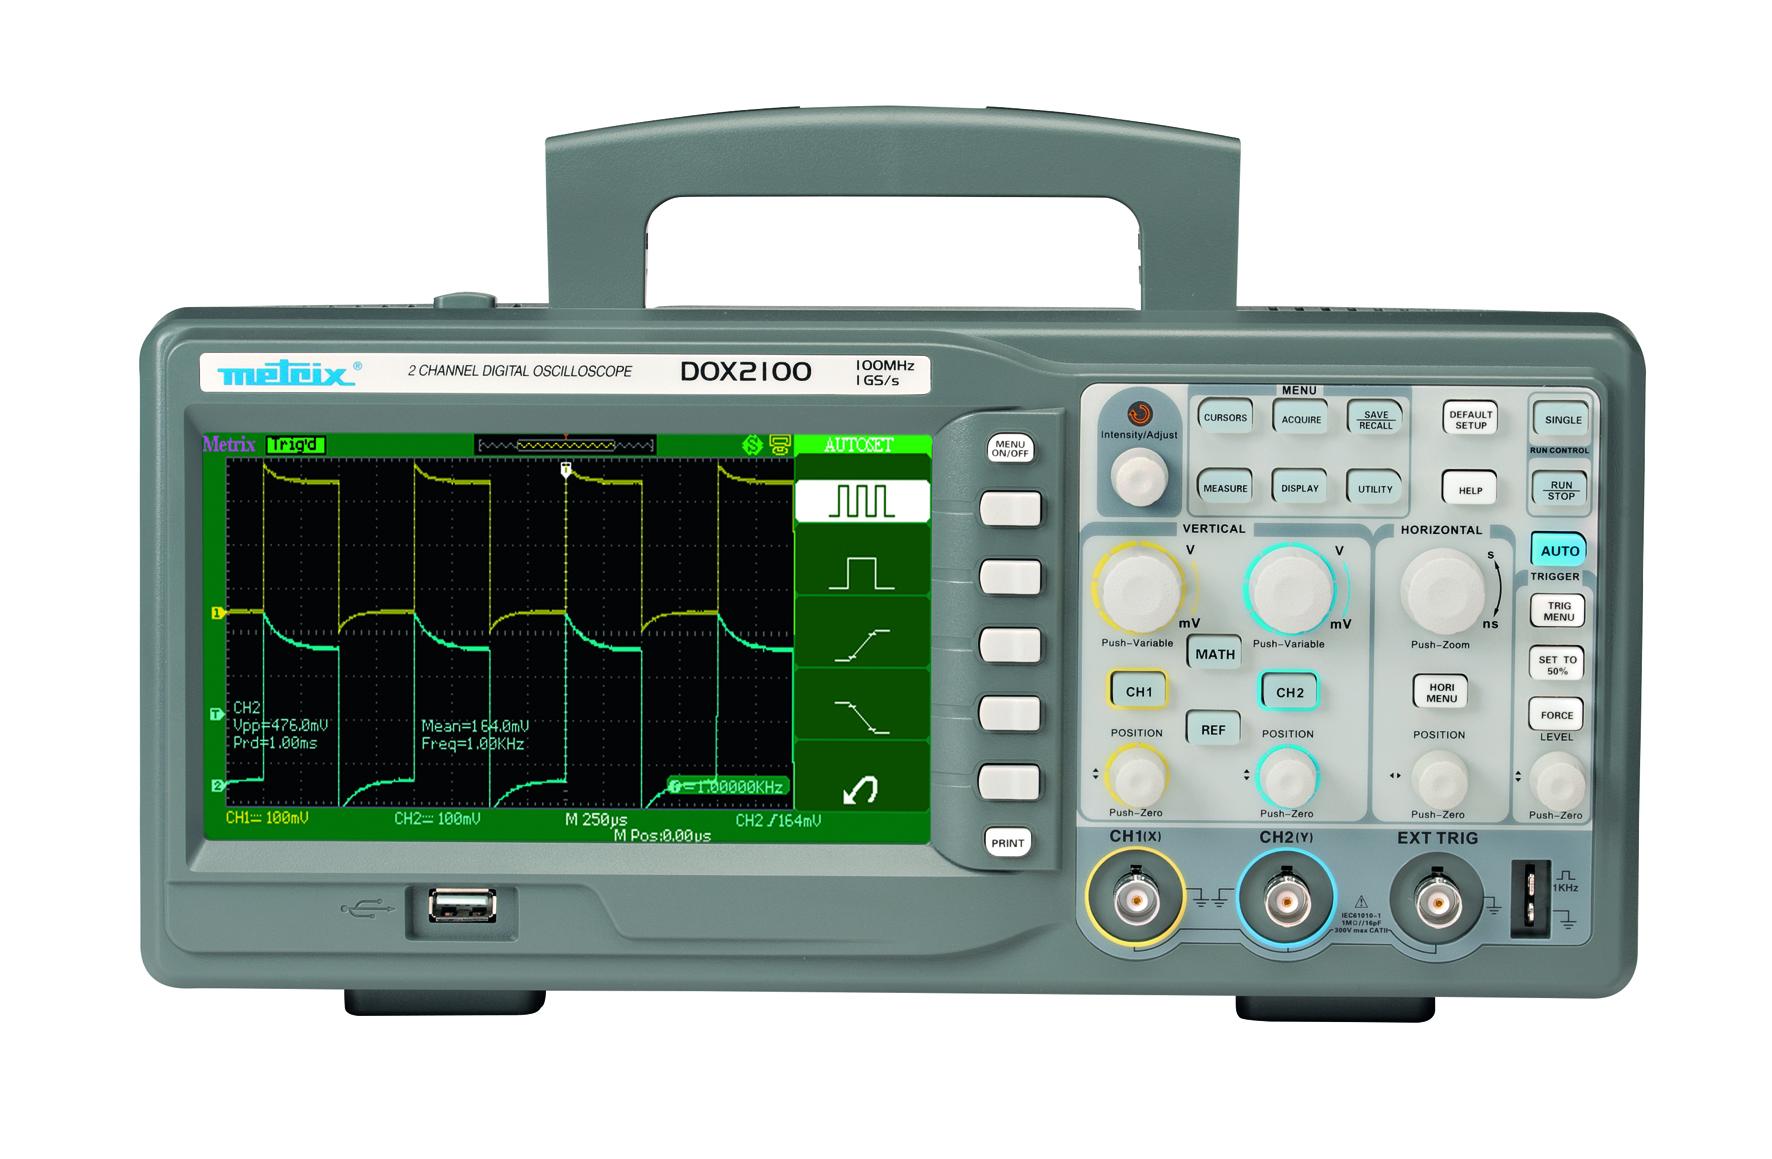 Très simple à utiliser, compacte et surtout très économique, la nouvelle gamme d'oscilloscopes DOX de la marque Metrix a